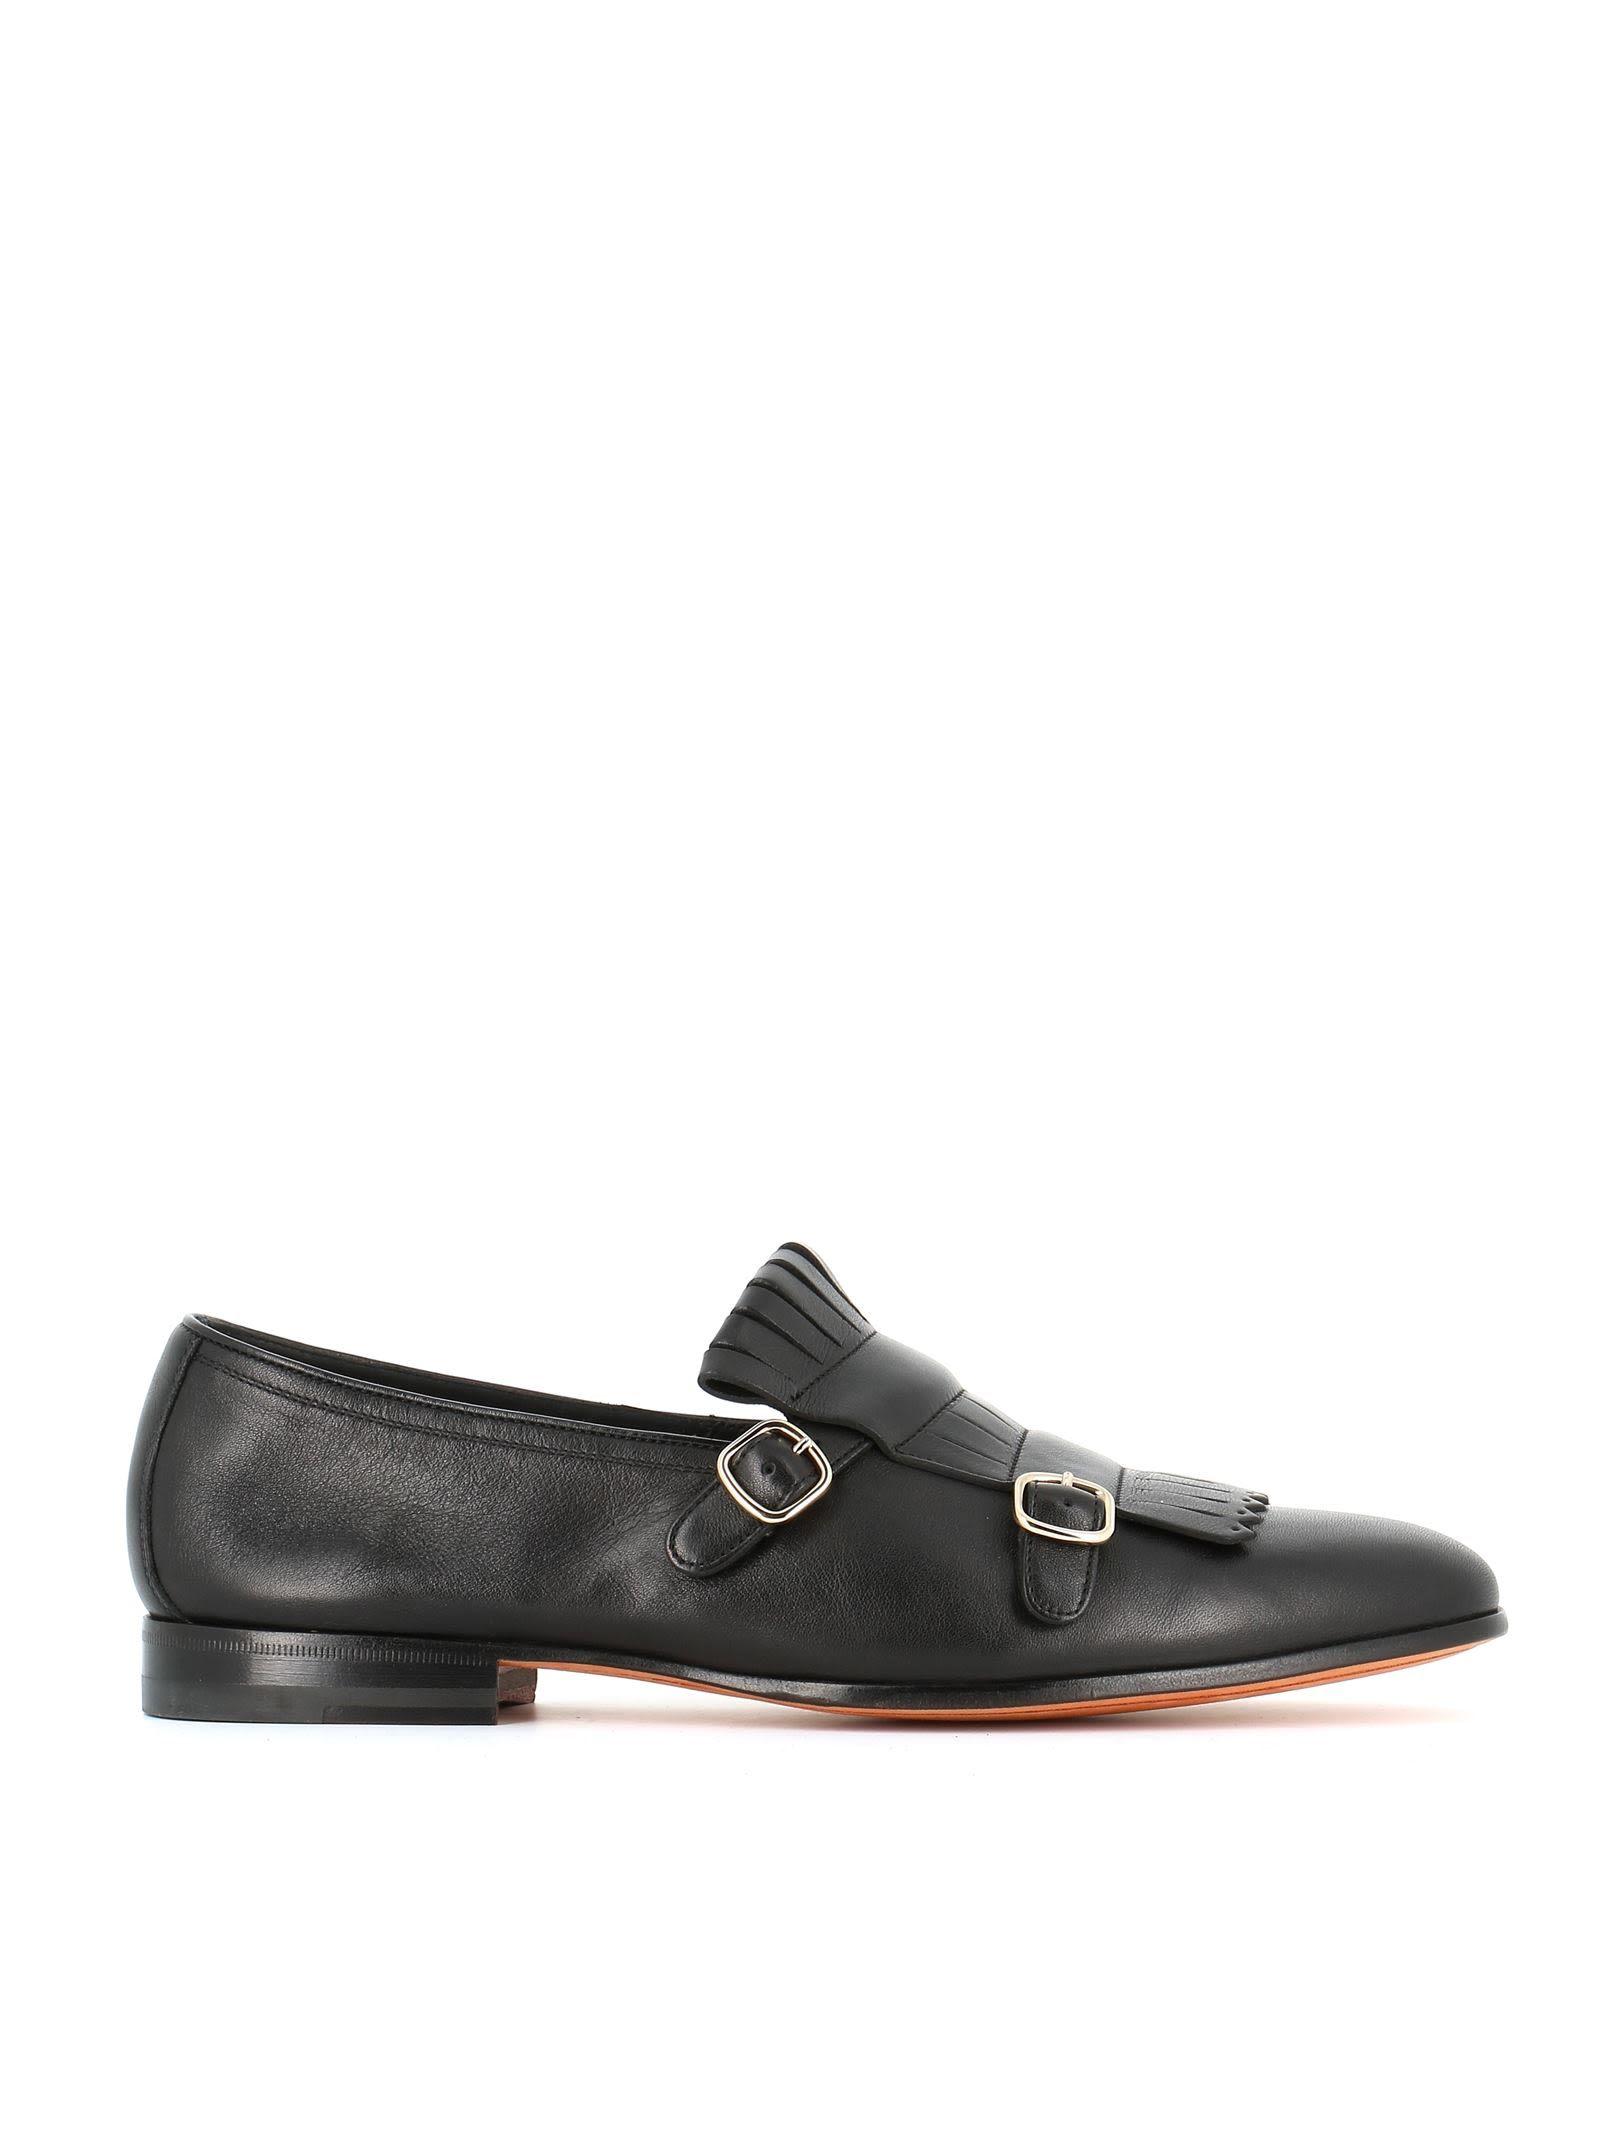 Santoni Frangée Chaussures Moine - Brun nQW4uBoU